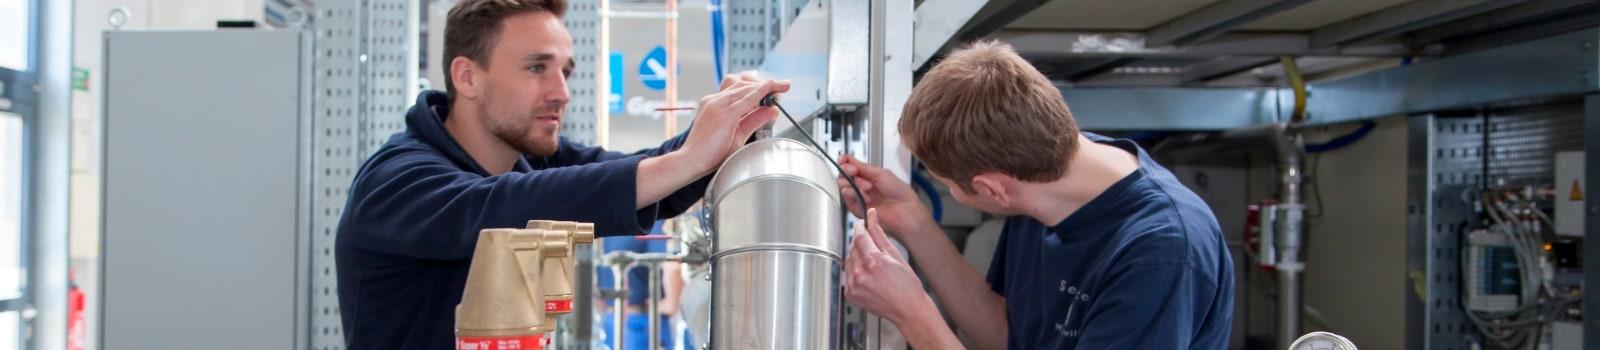 Optimierung und Anpassung einer BvL-Reinigungsanlage